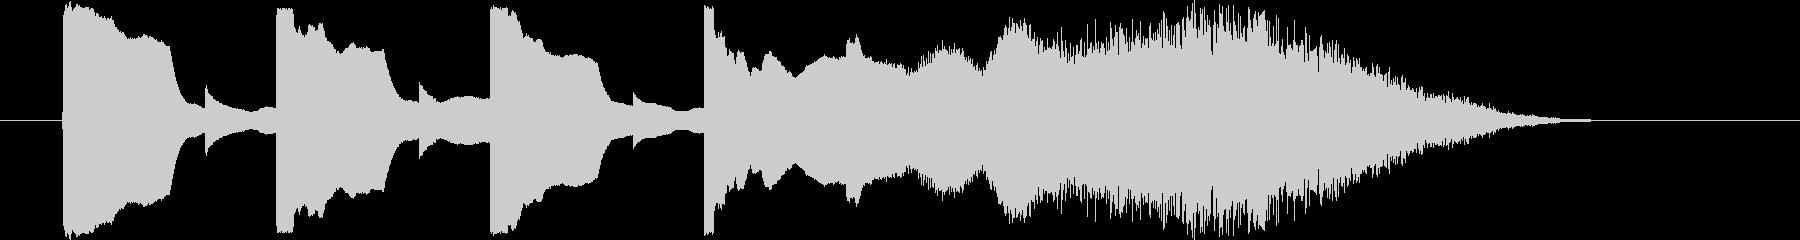 スタートシグナル1の未再生の波形